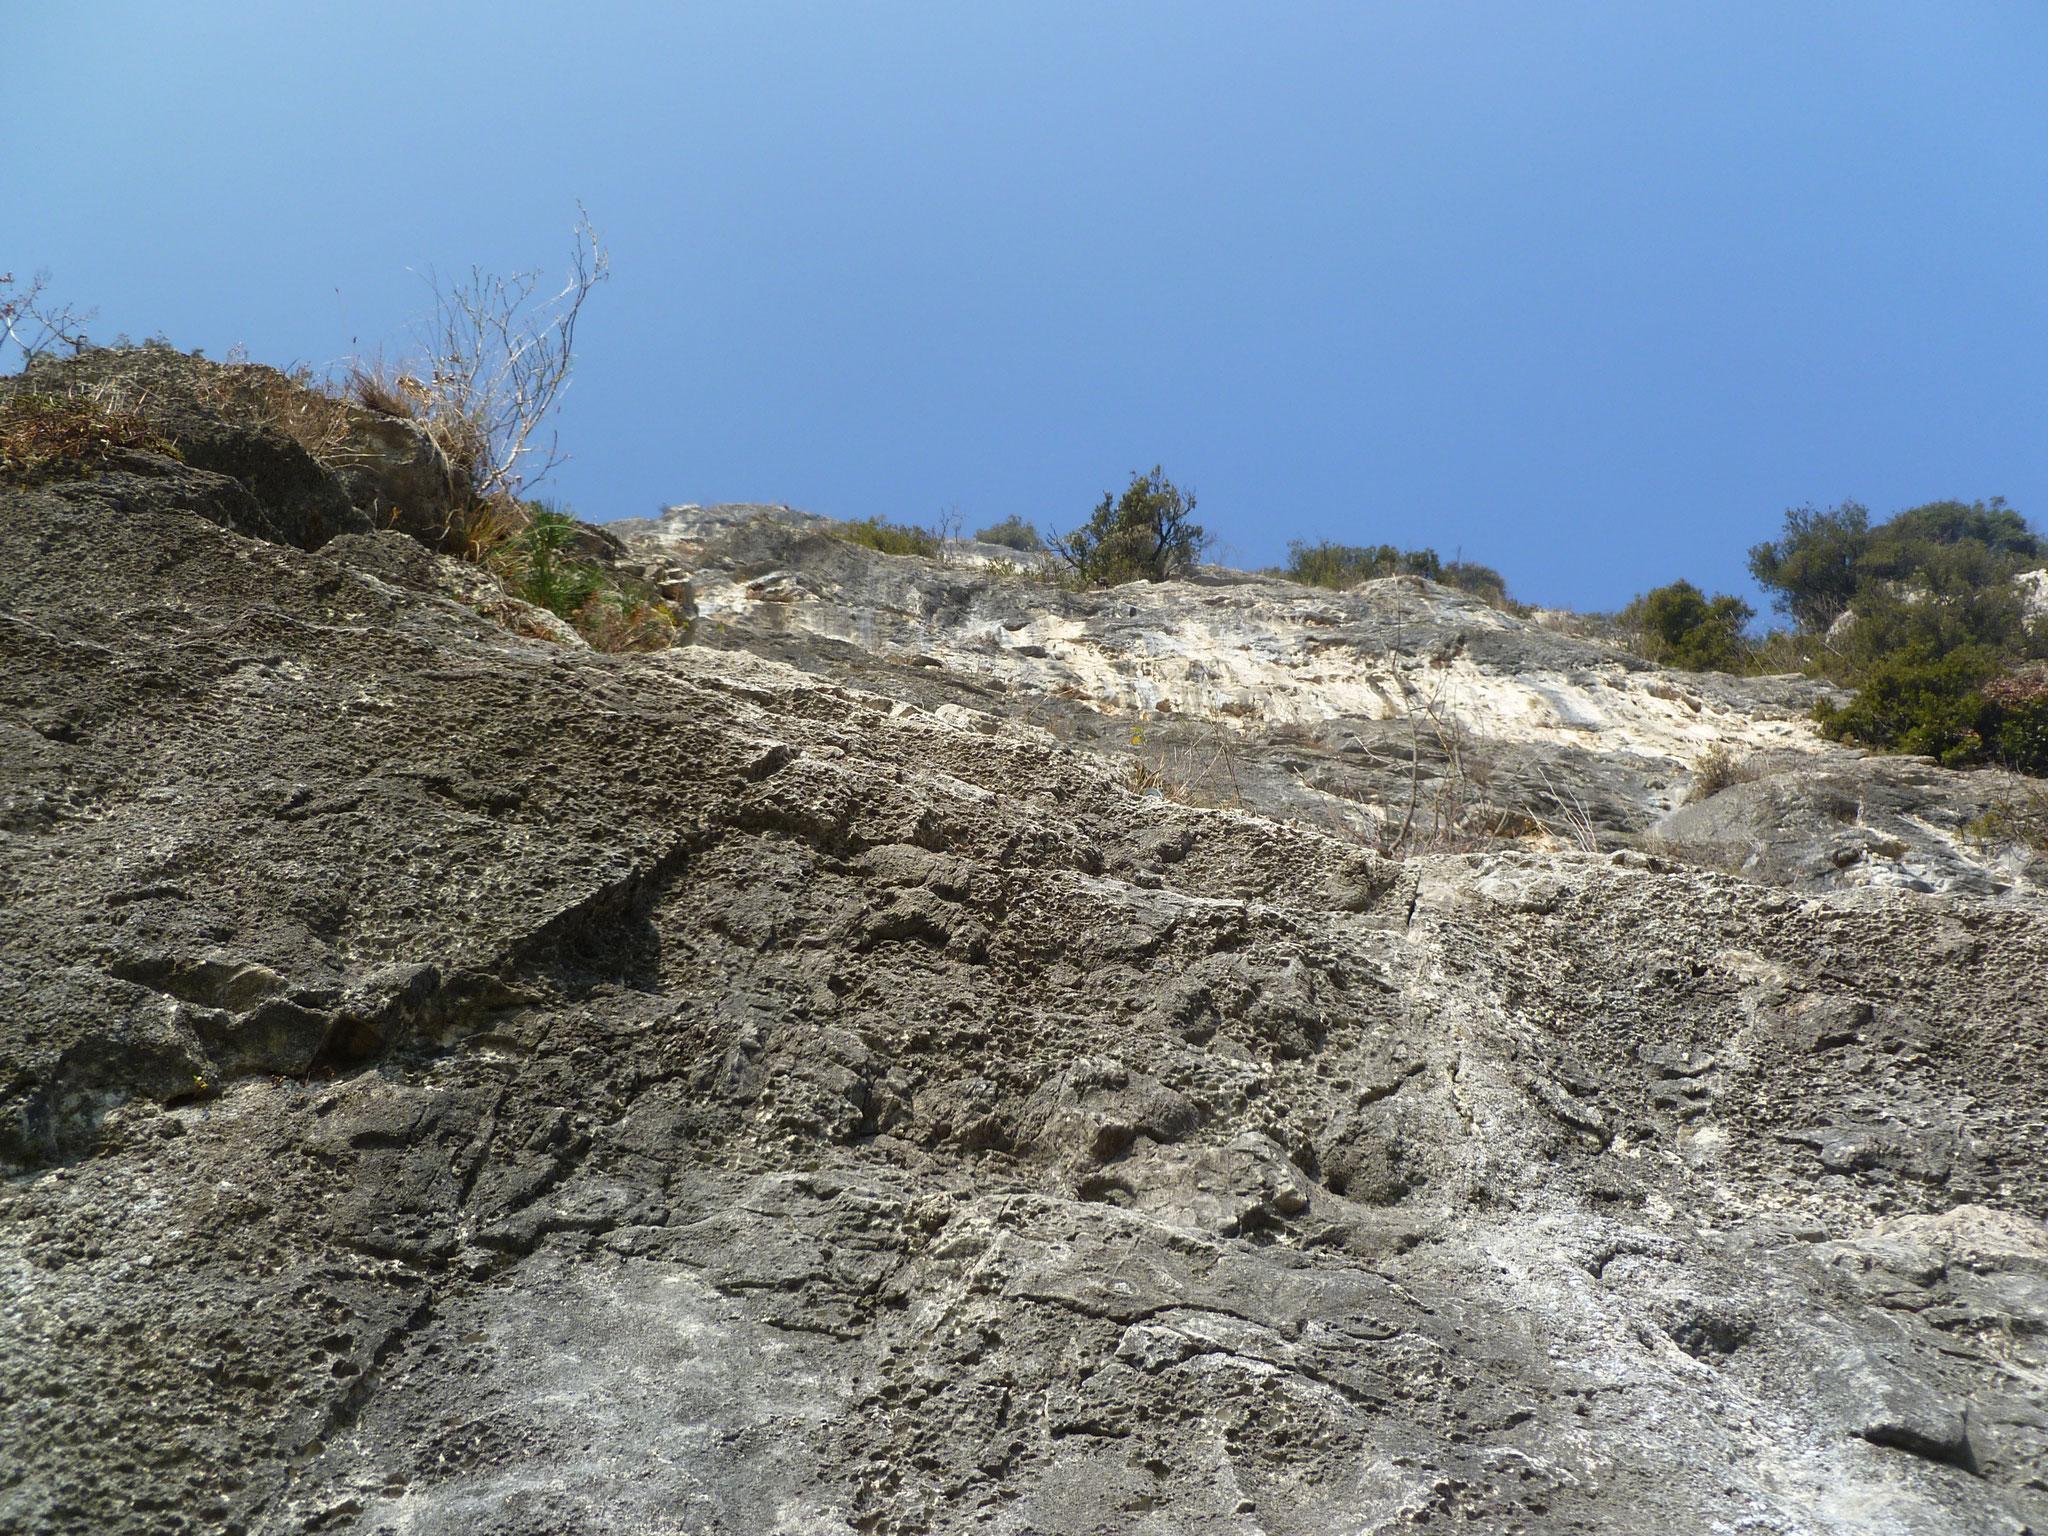 Die zweite Länge. So übel ist der Fels hier gar nicht.